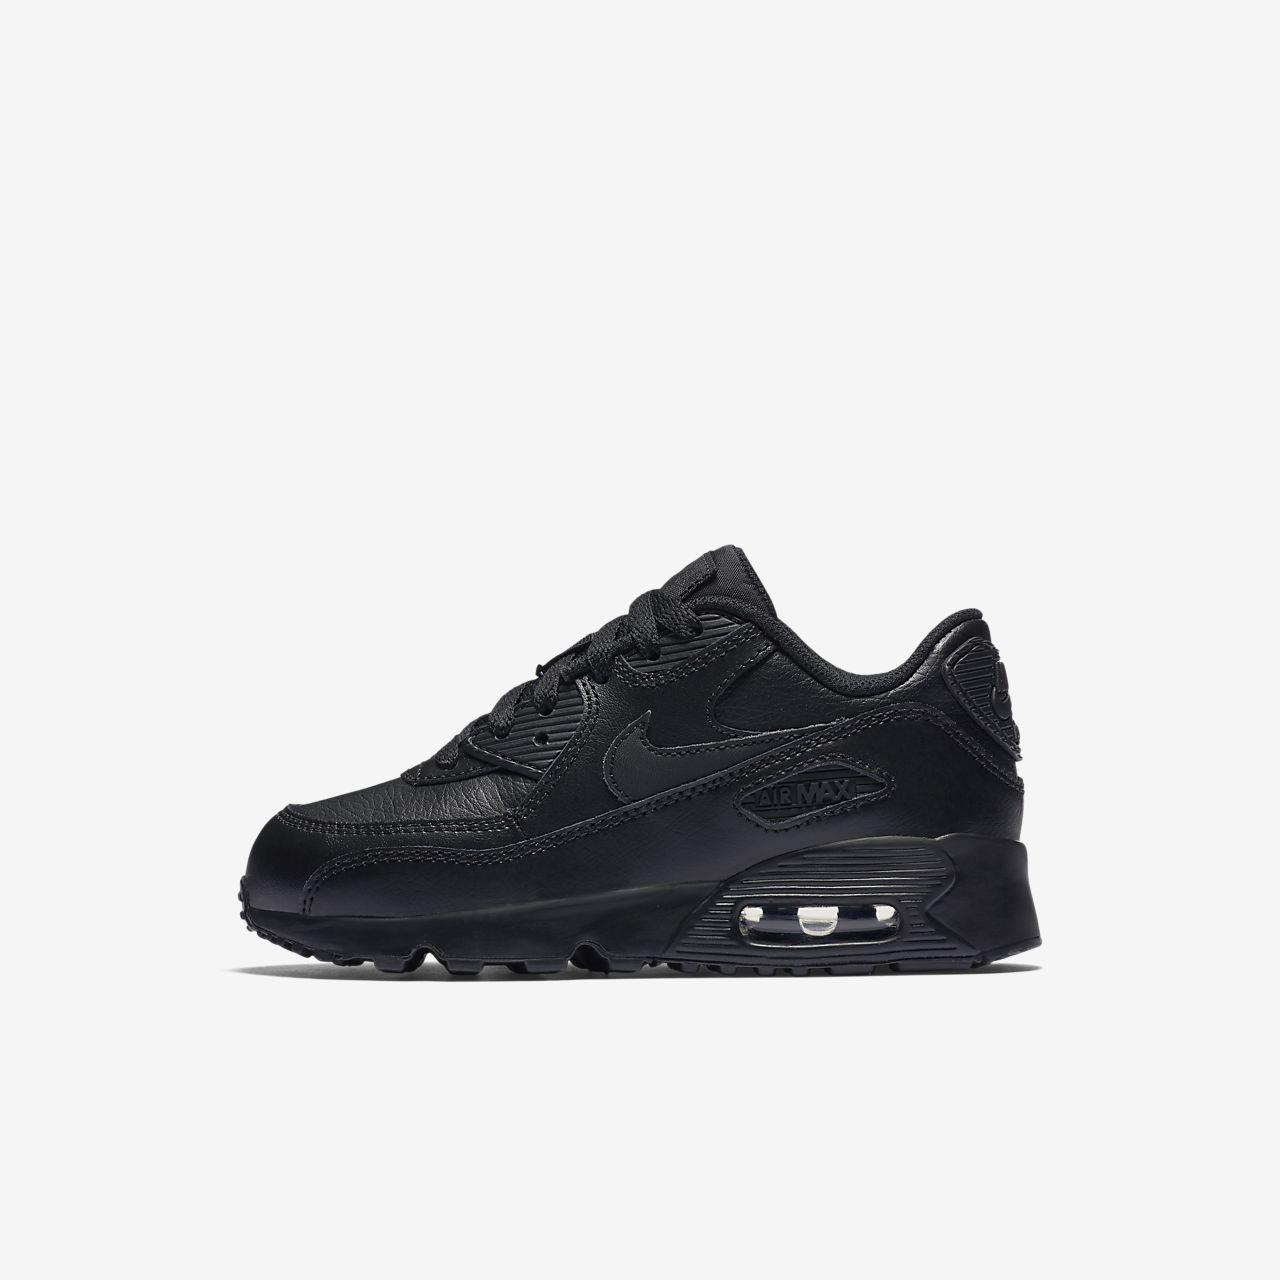 Chaussure Nike Air Max 90 Leather pour Jeune enfant